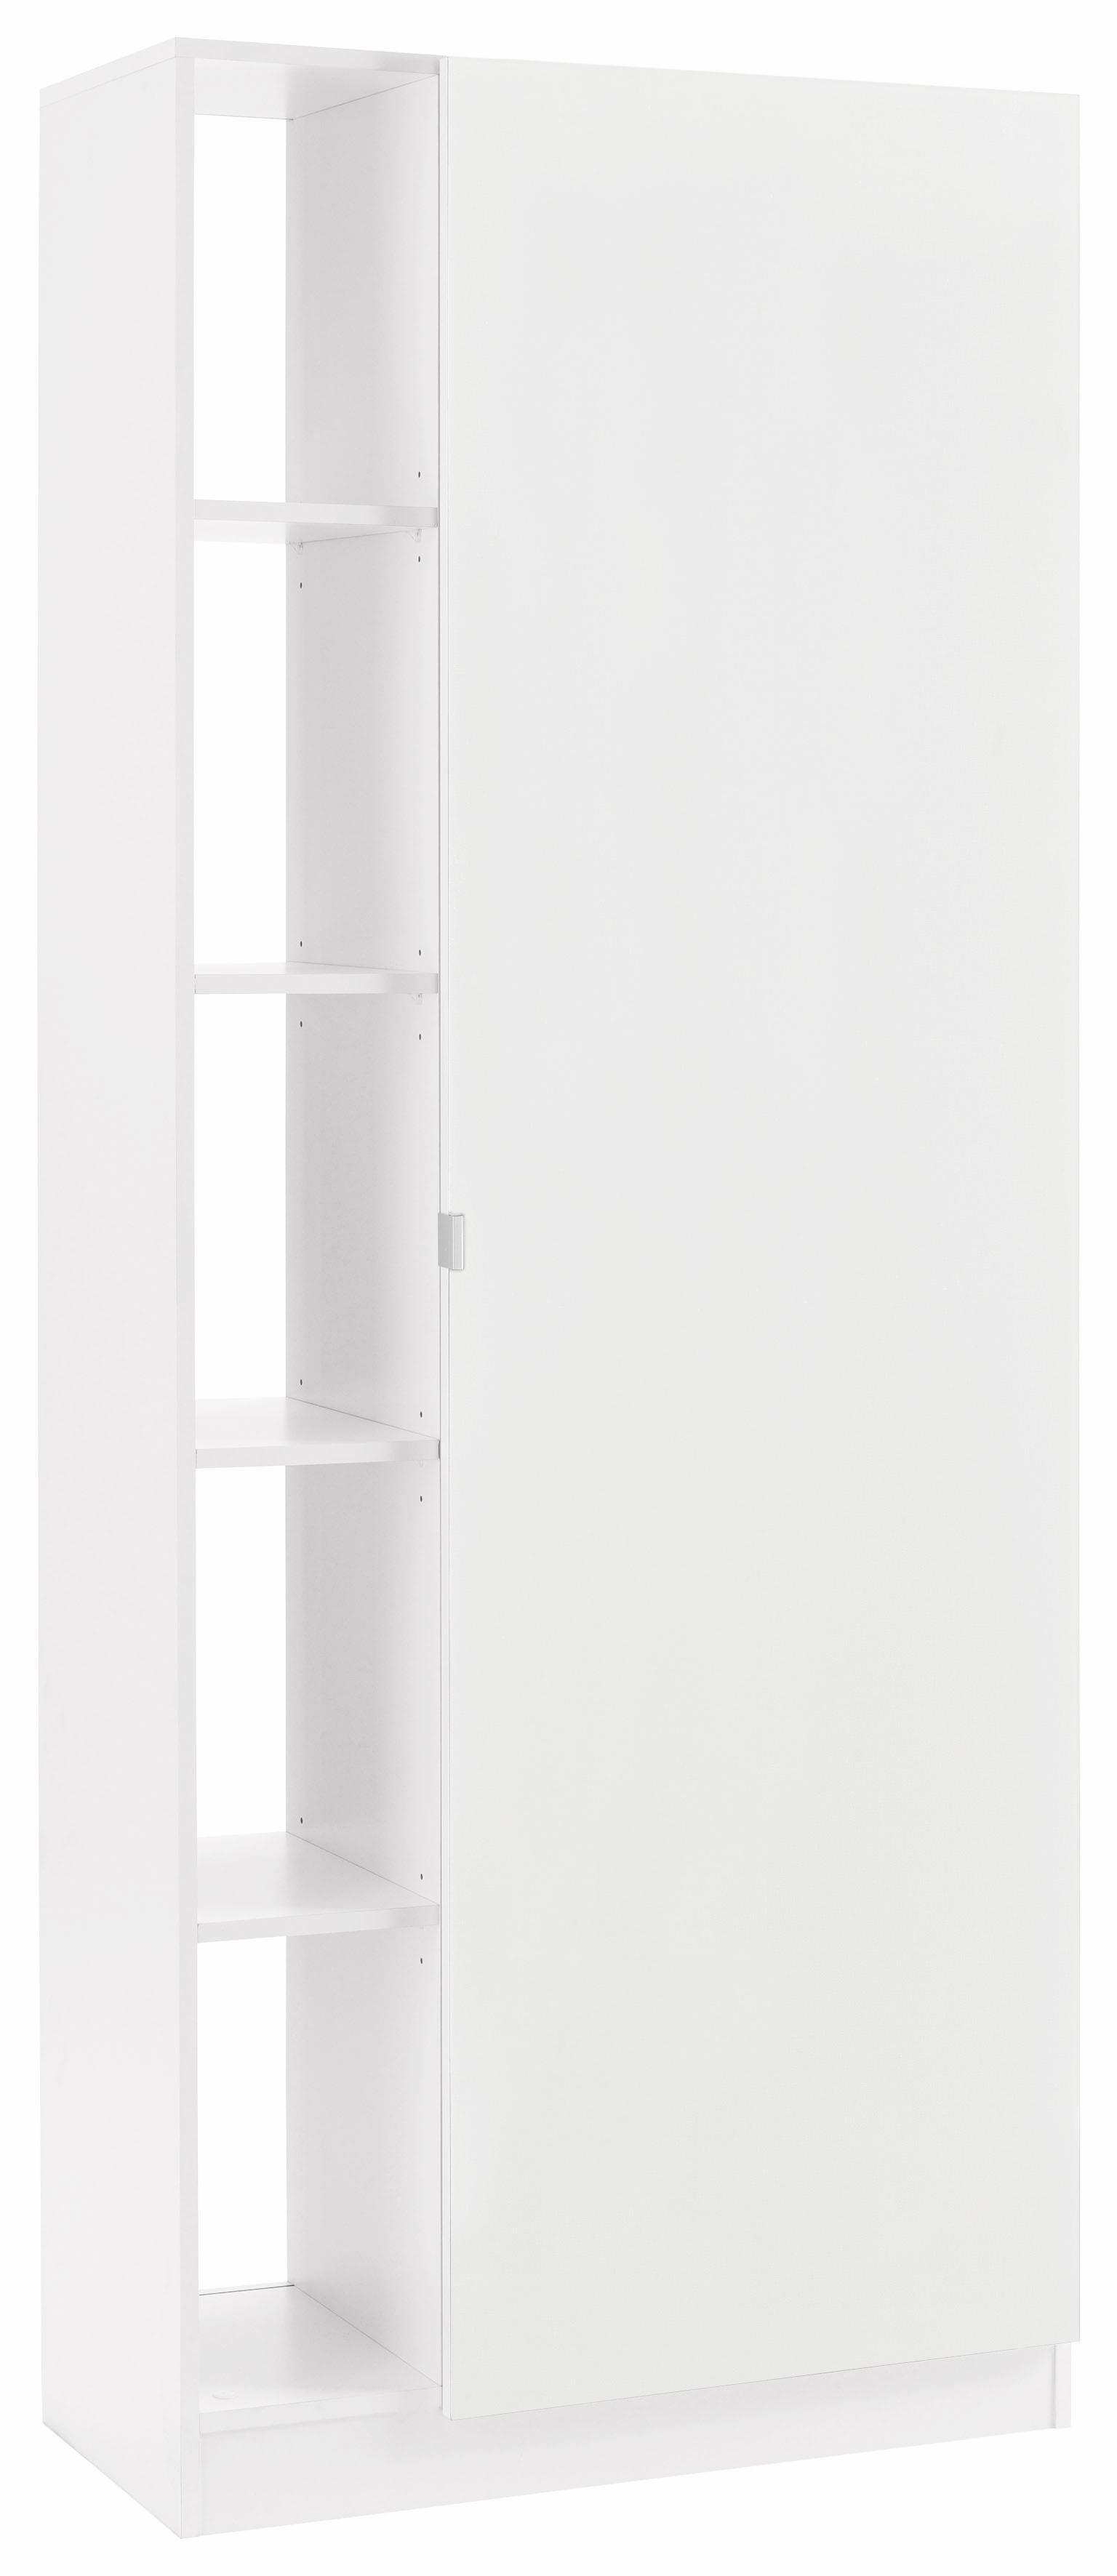 Borchardt Möbel Garderobenschrank »Dolly« mit 5 offenen Fächern und Metallgriffen | Flur & Diele > Garderoben > Garderobenschränke | Weiß | Melamin | BORCHARDT MÖBEL